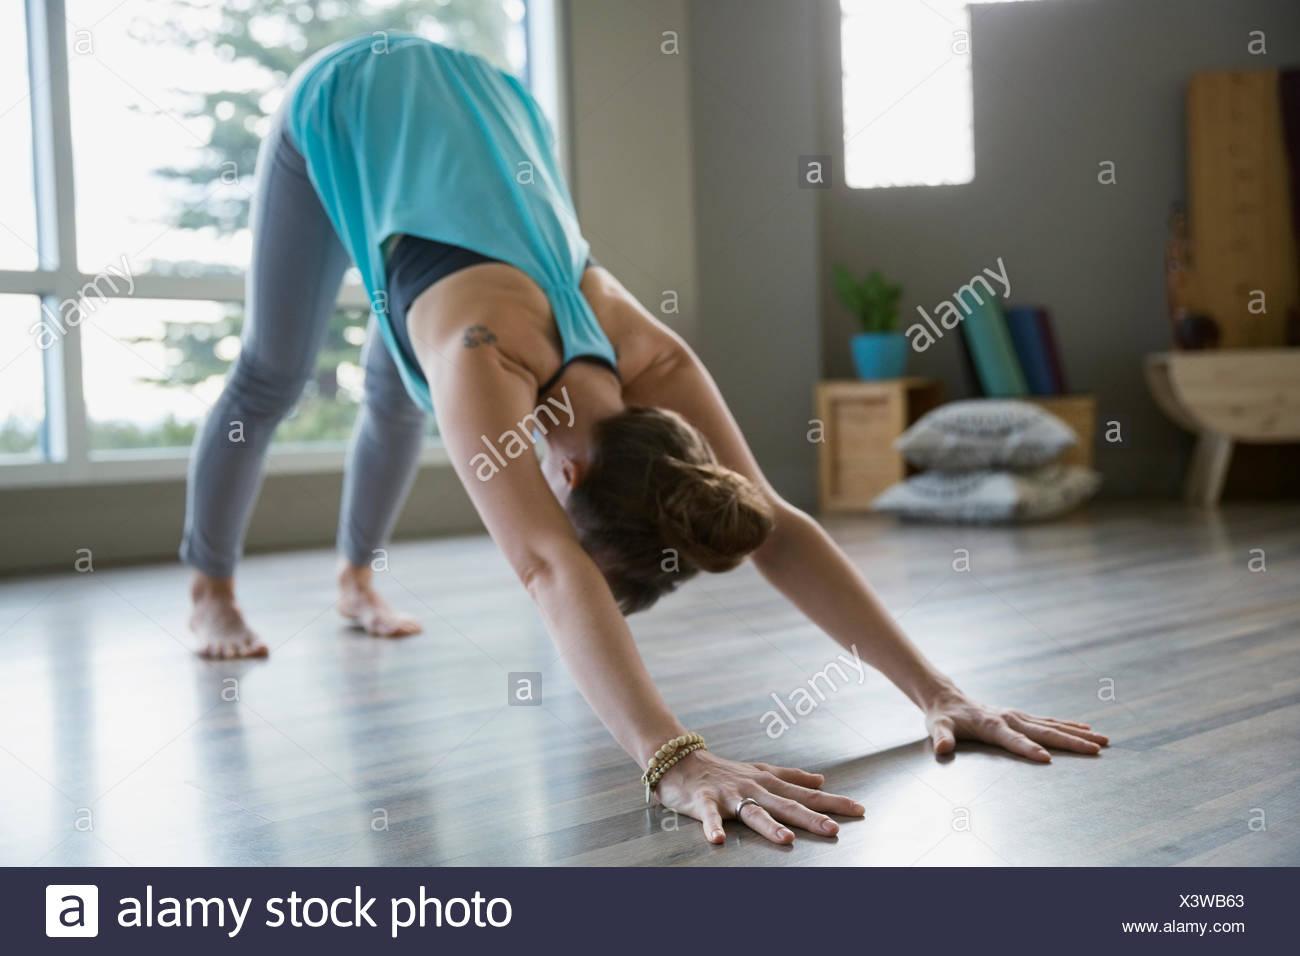 La donna a praticare yoga nella posizione del Cane con la testa in giù pongono Immagini Stock